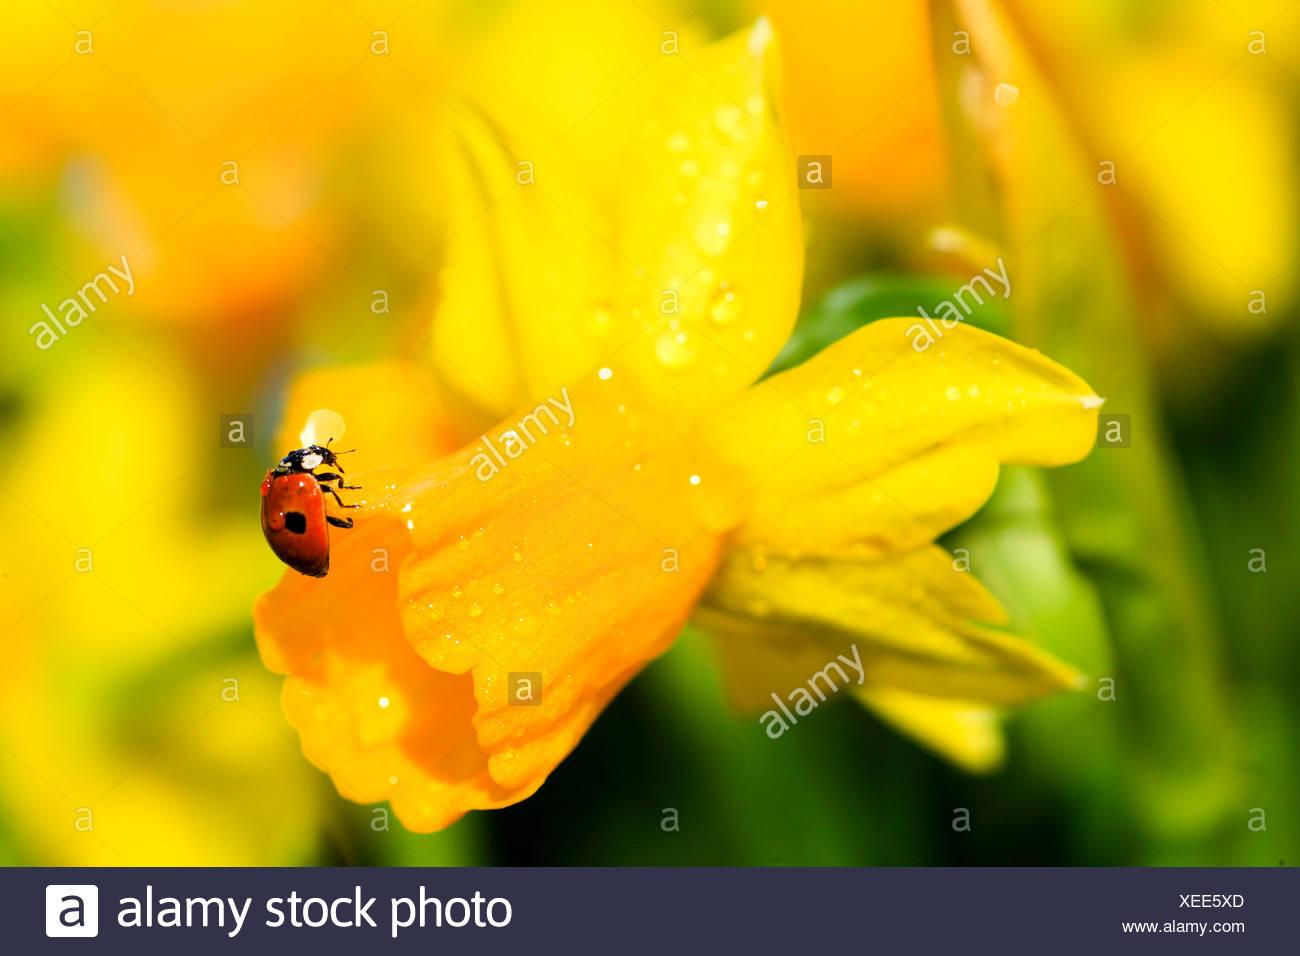 2, Adalia bipunctata, flower, flowers, blossom, flourish, Coccinellidae, detail, field, spring, garden, garden flower, yellow na - Stock Image